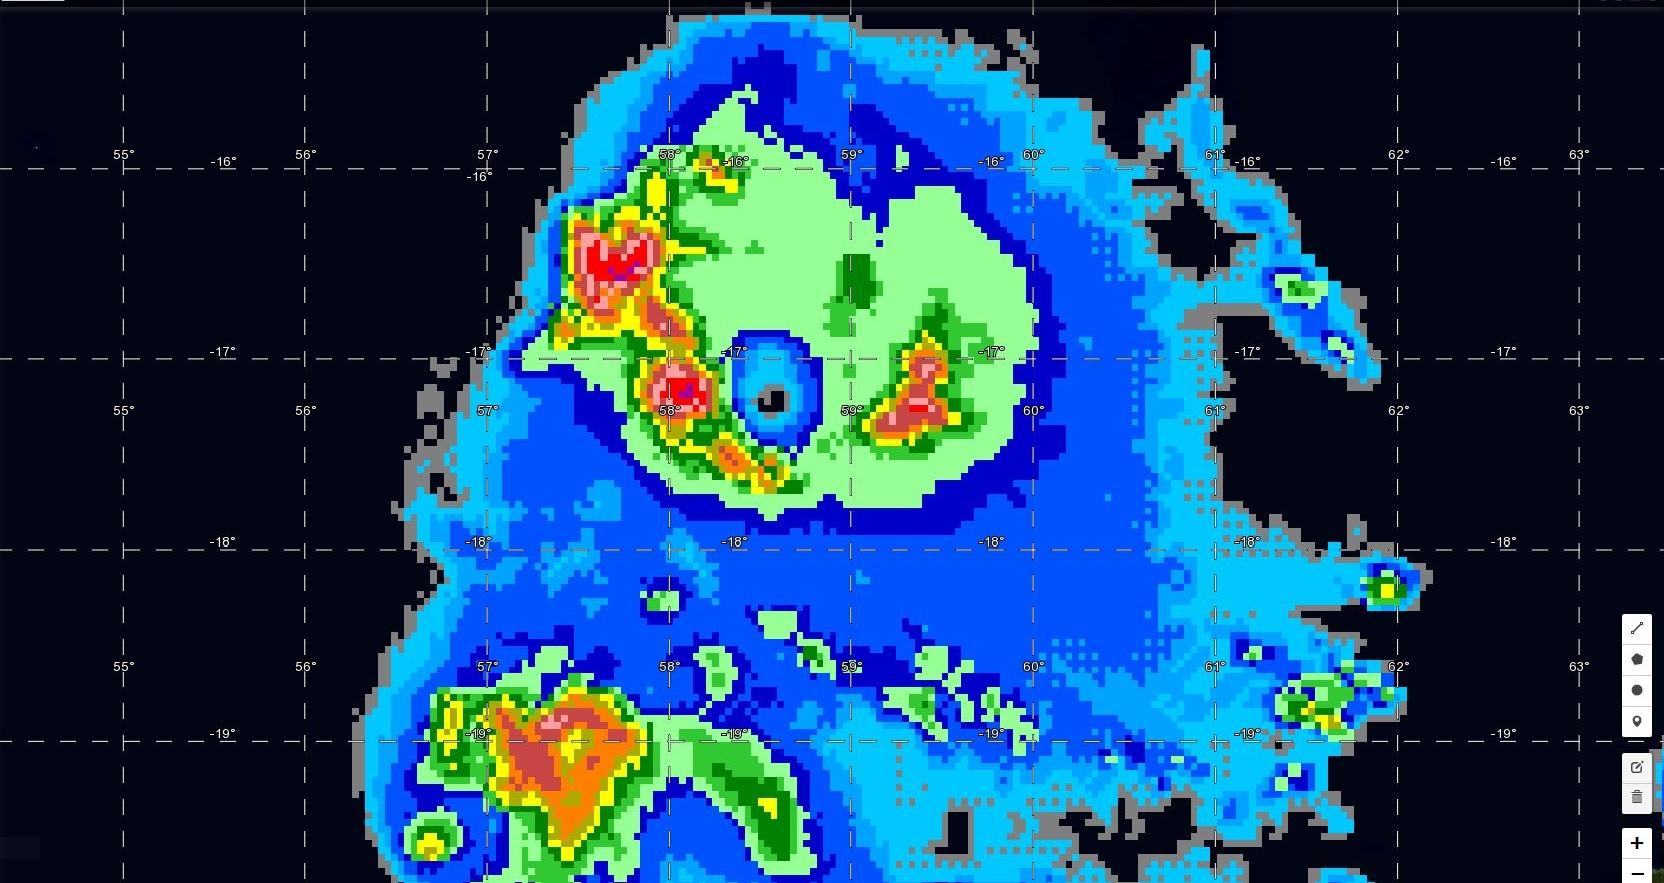 Saint Brandon(16.5°sud et 59.6°est): les îles sont touchées par la partie active du système. Les vents sont violents mais les vents les plus extrêmes(260km/h en rafales) devraient rester en mer.